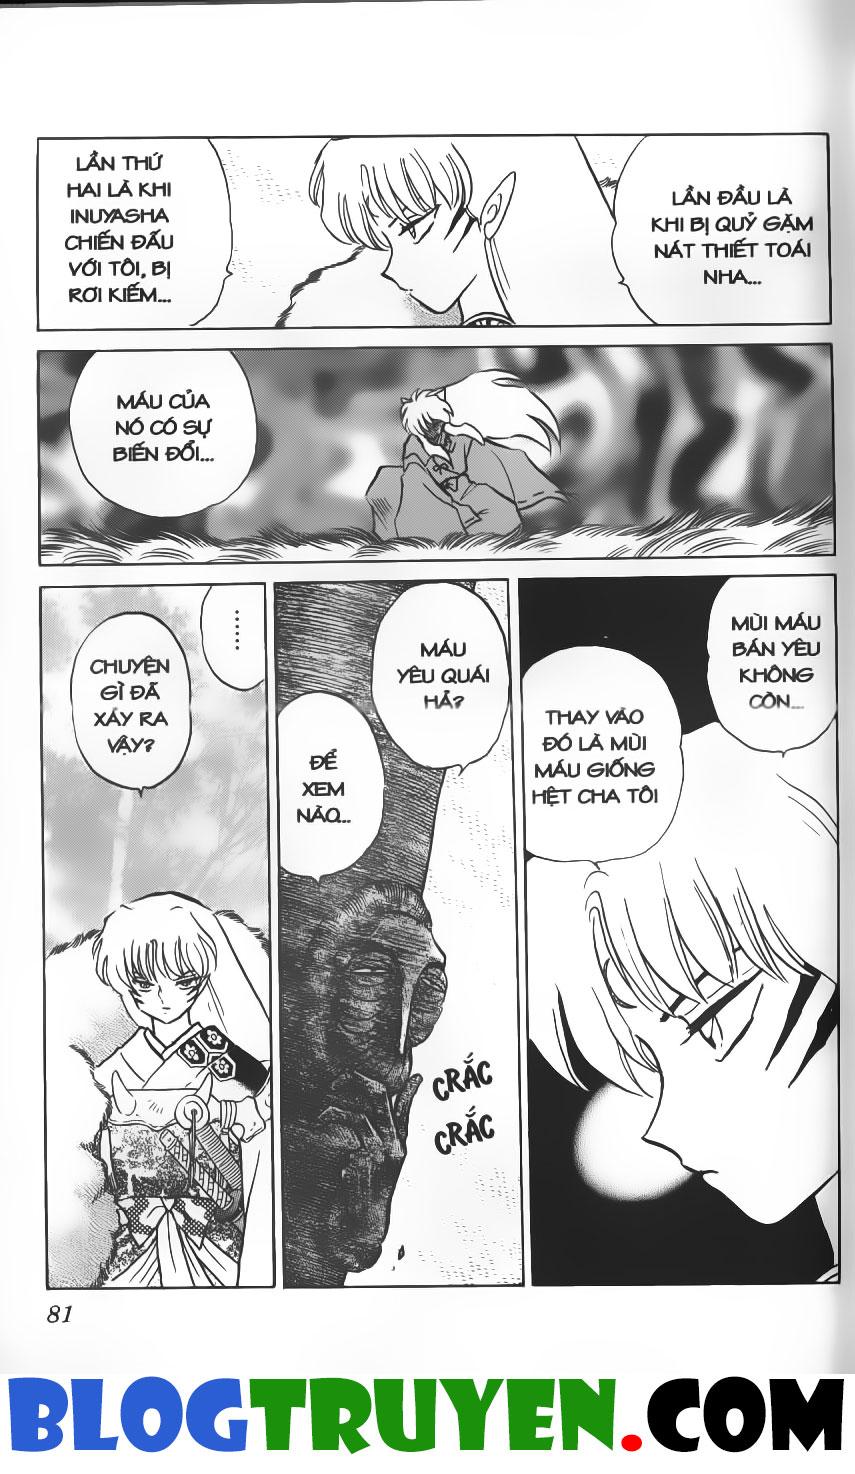 Inuyasha vol 19.5 trang 6